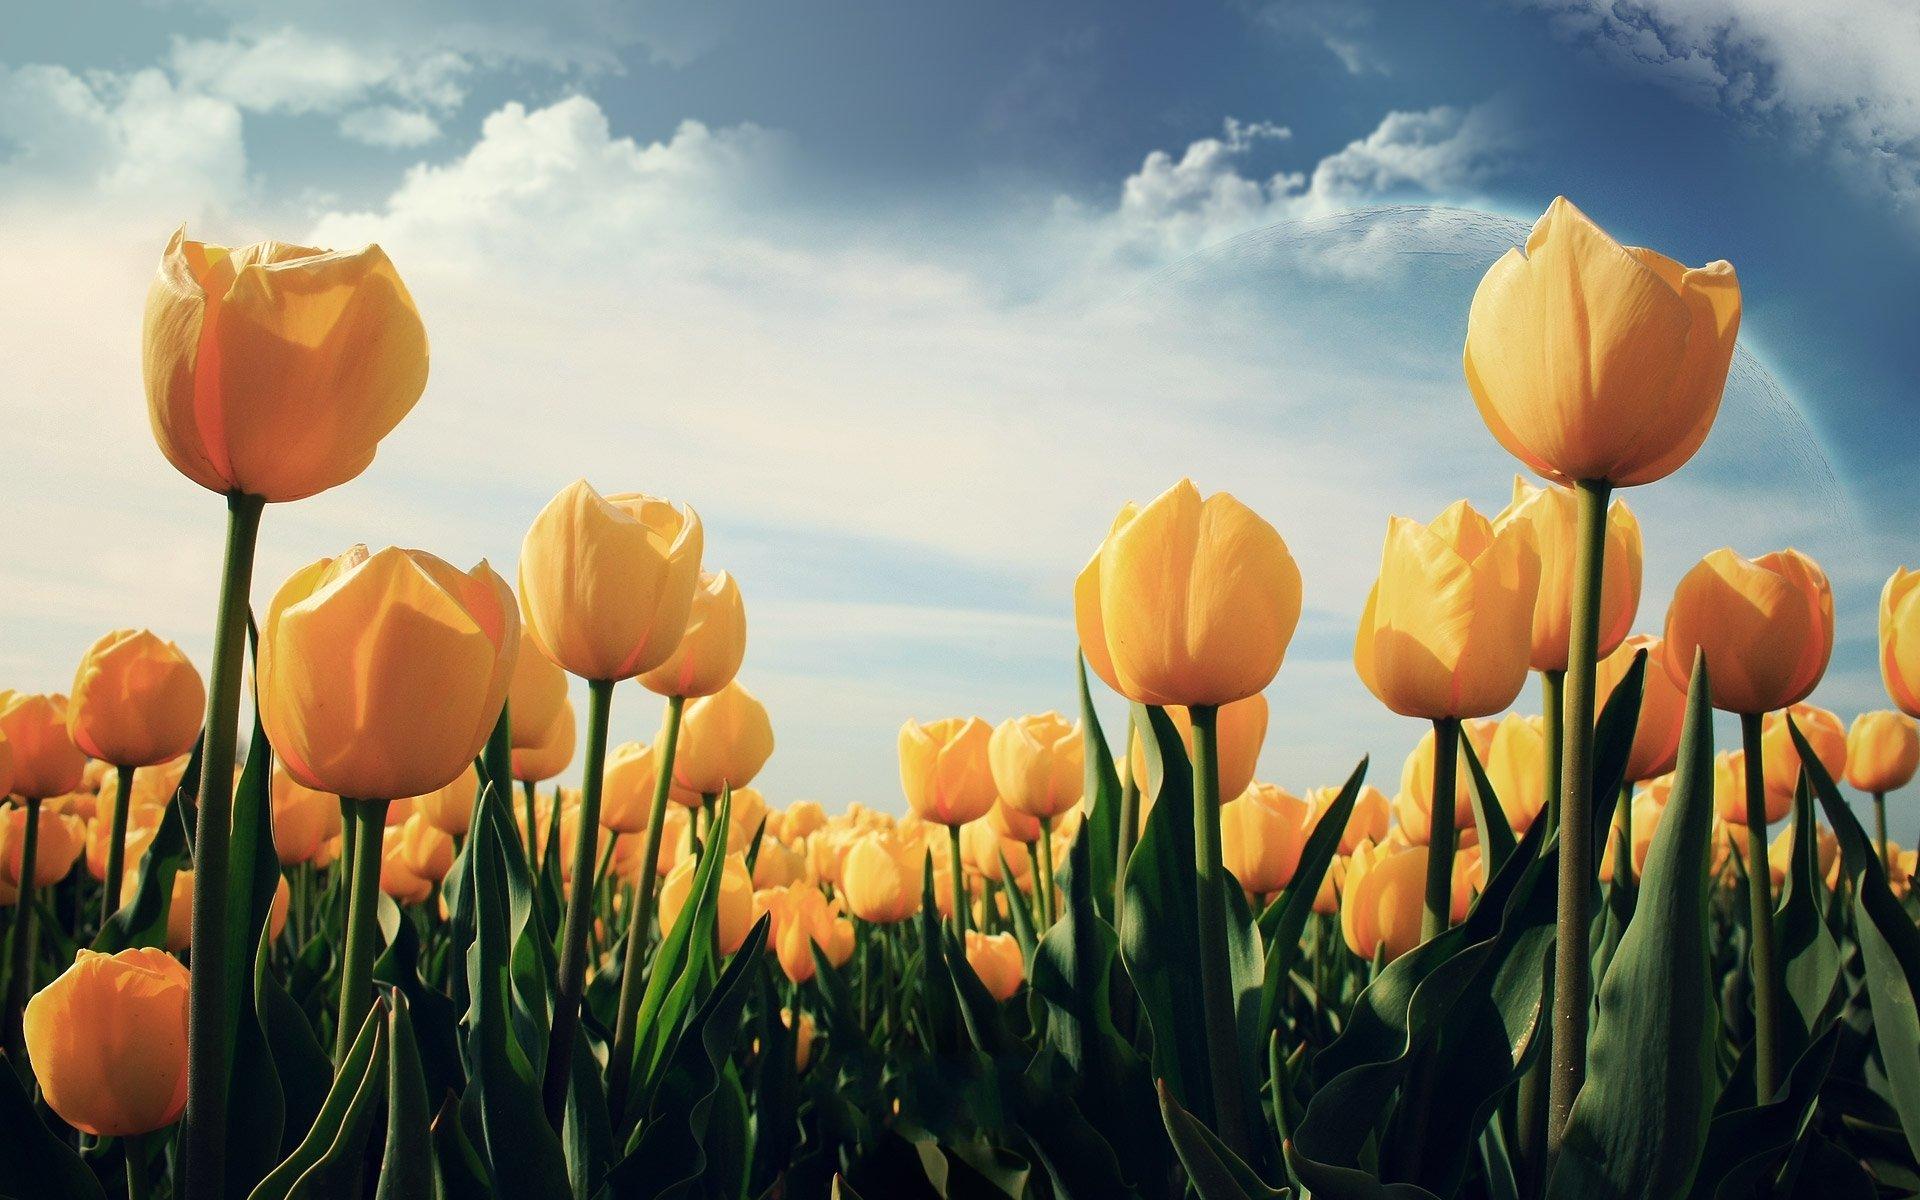 Ảnh hoa Tulip vàng đẹp nhất